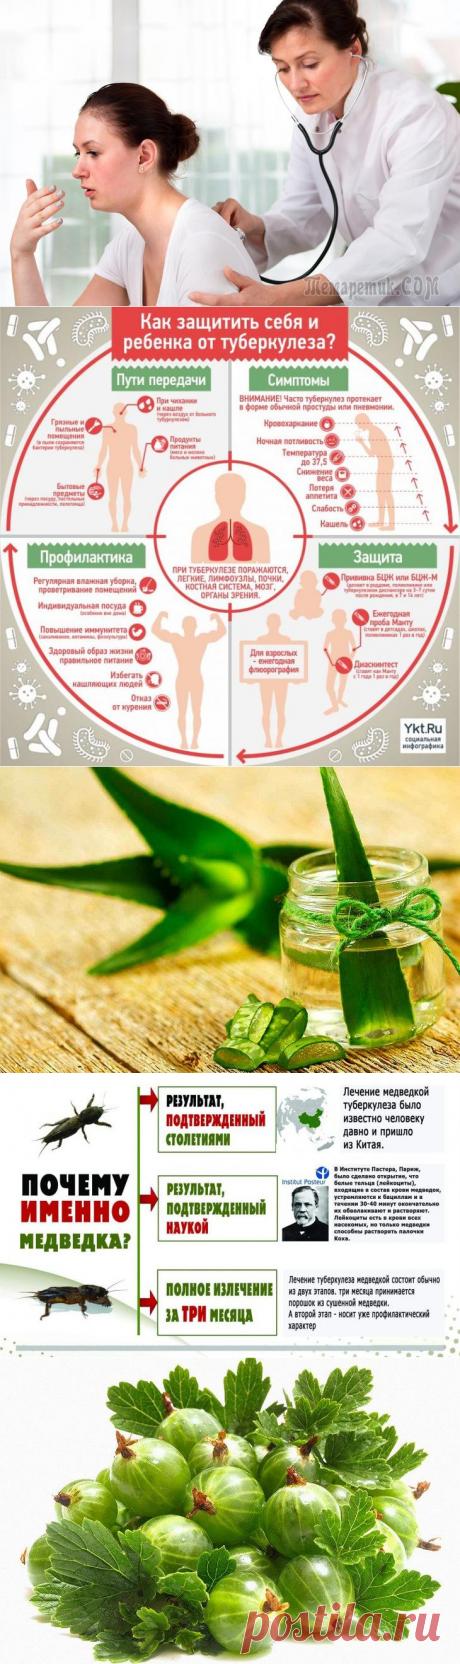 8 способов лечения туберкулеза народными средствами